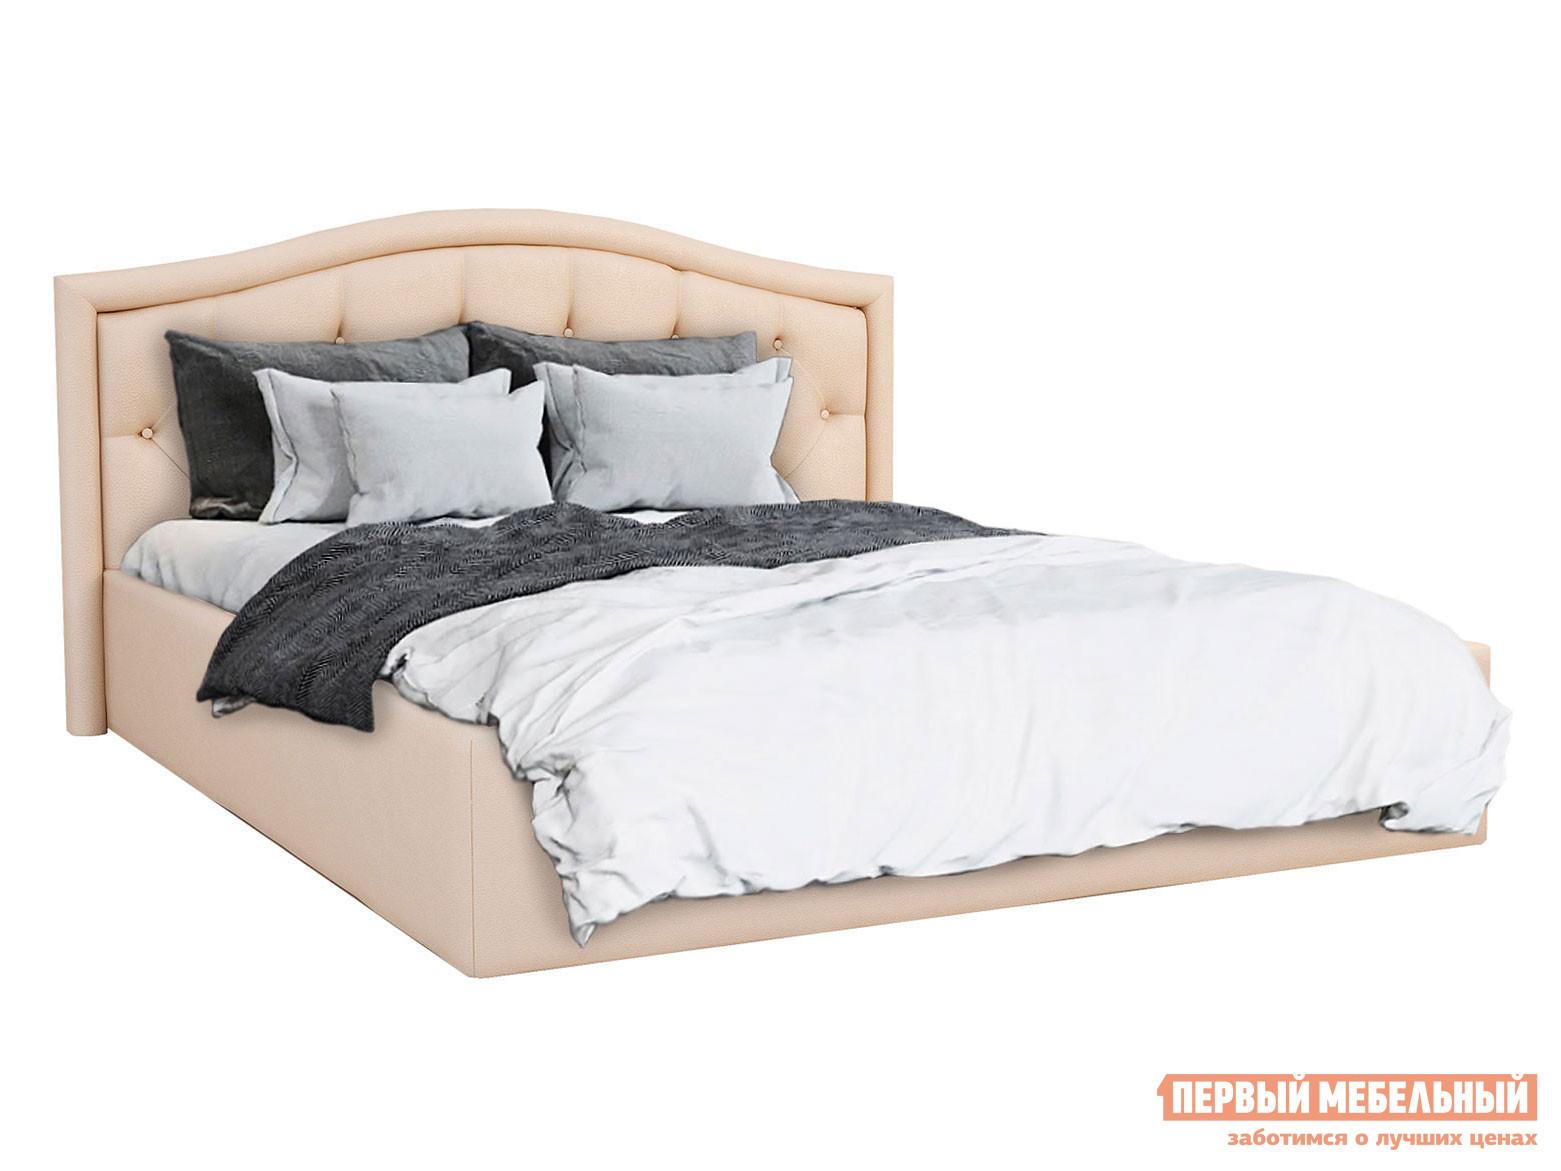 Двуспальная кровать Мебельсон Верона Кровать 1.6